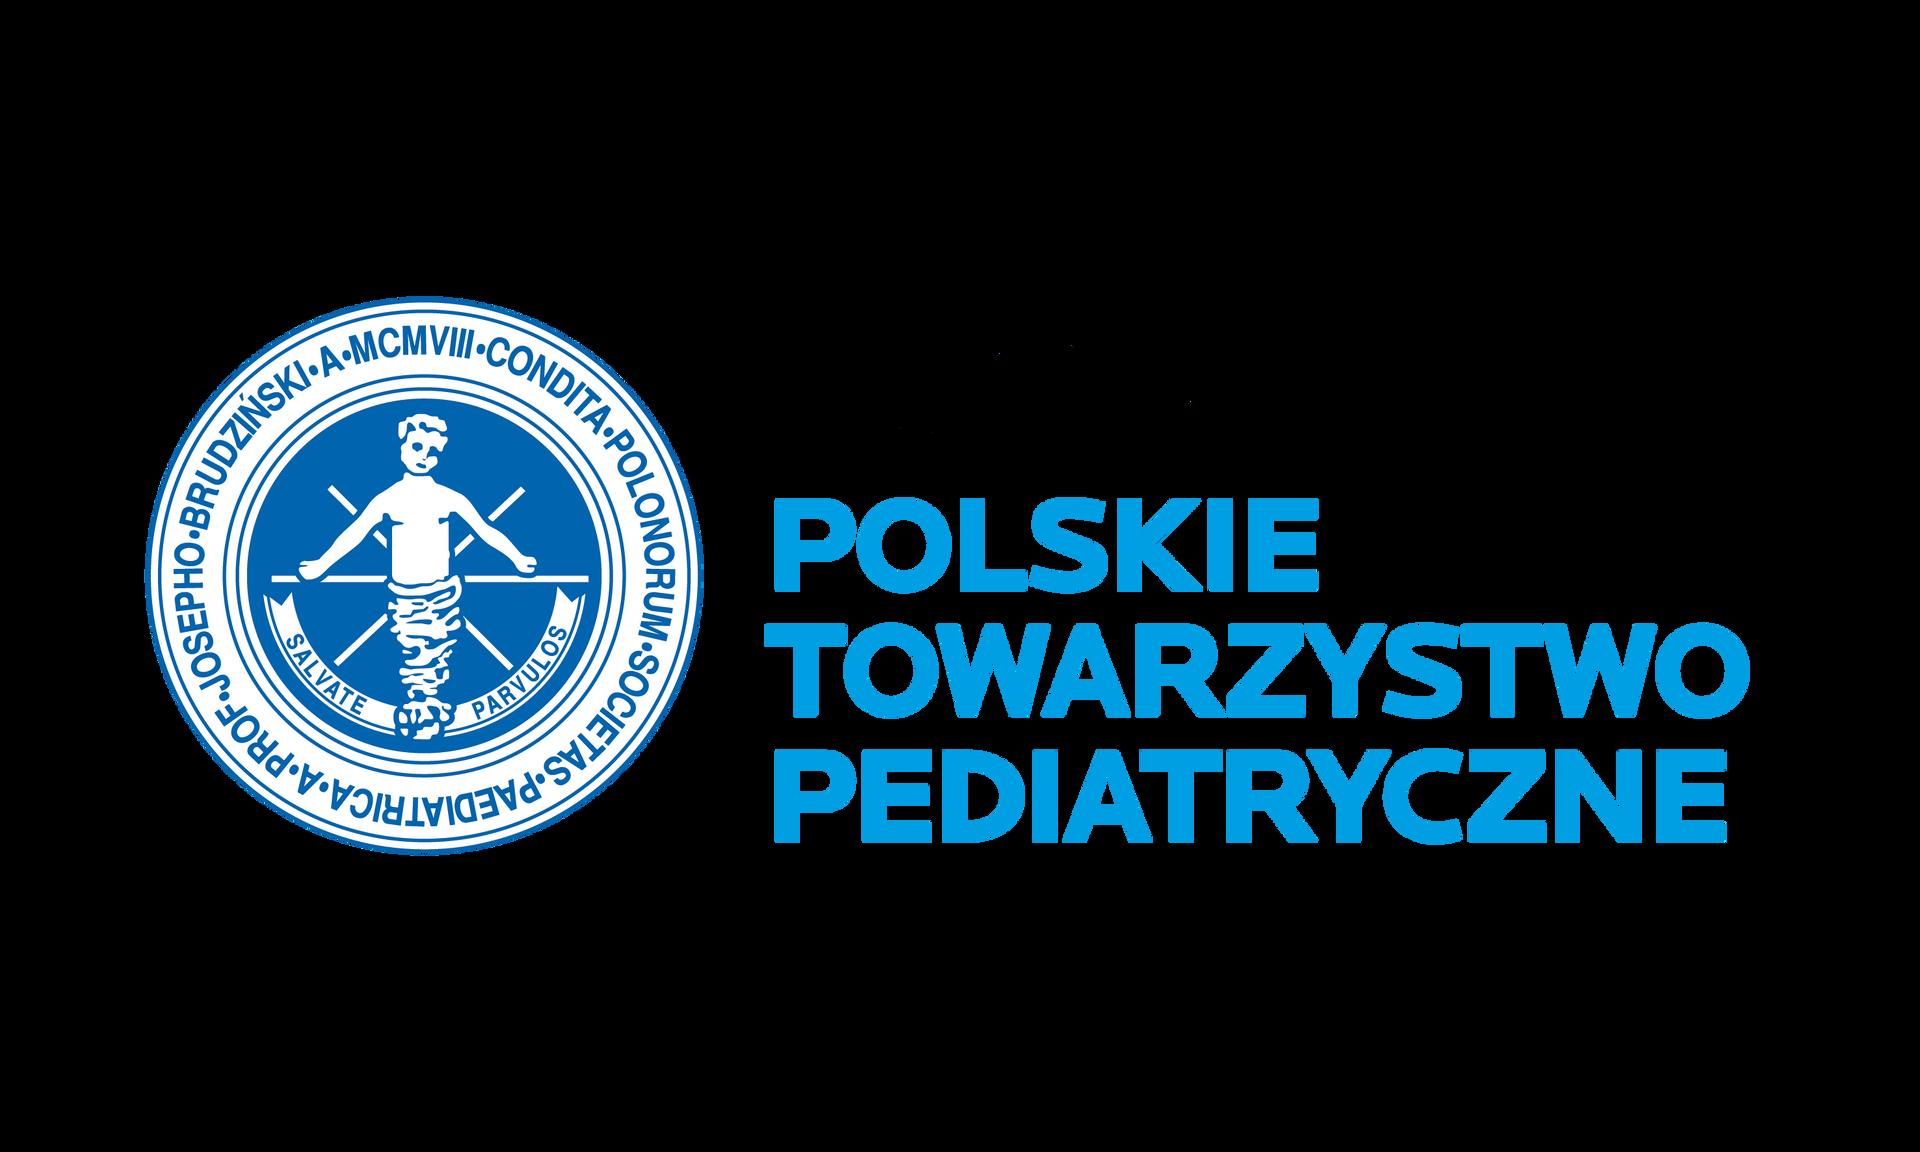 Polskie Towarzystwo Pediatryczne - rekomendacja | La Roche-Posay